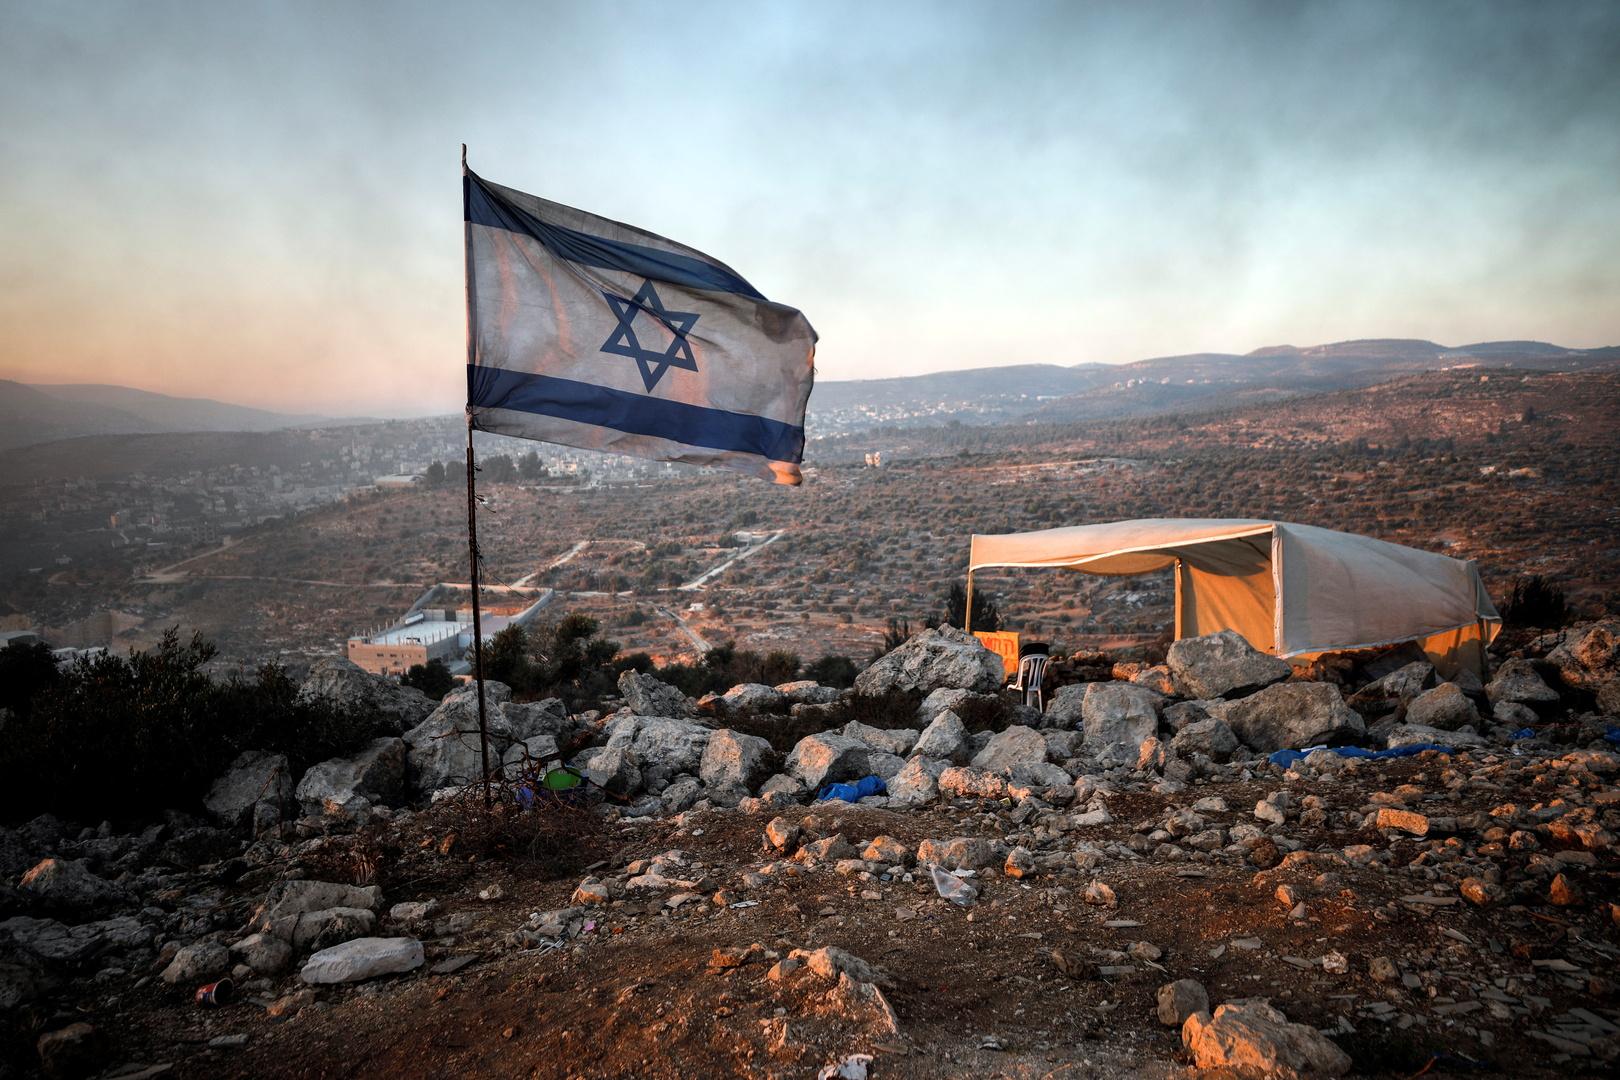 إسرائيل.. إتلاف مئات الدونمات من المزارع إثر حريق واسع ناجم عن القصف الأخير من لبنان